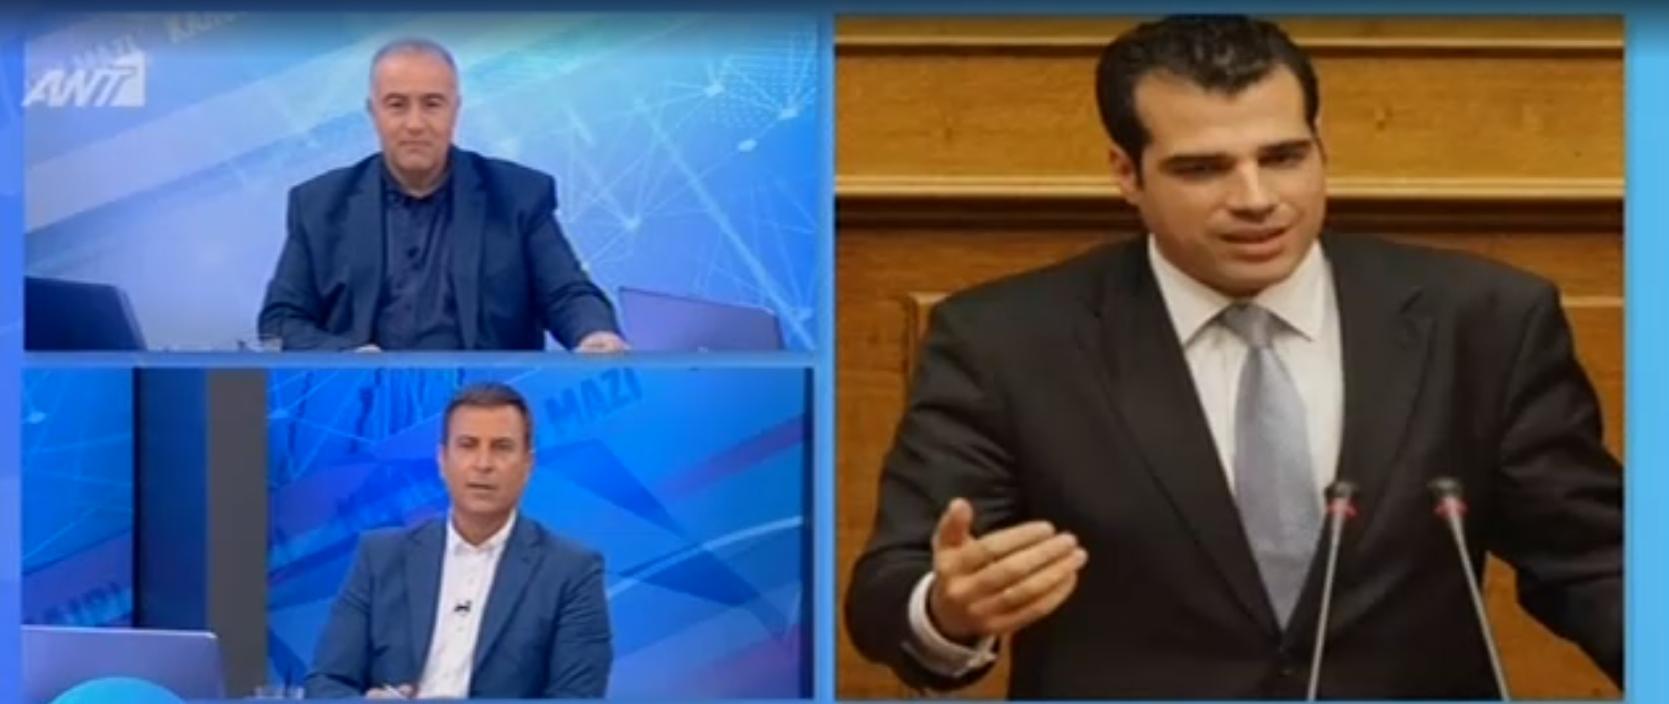 Θάνος Πλεύρης για Πολάκη: Η κυβέρνηση ΣΥΡΙΖΑ άφησε τη δικογραφία 2,5 μήνες (ΒΙΝΤΕΟ)